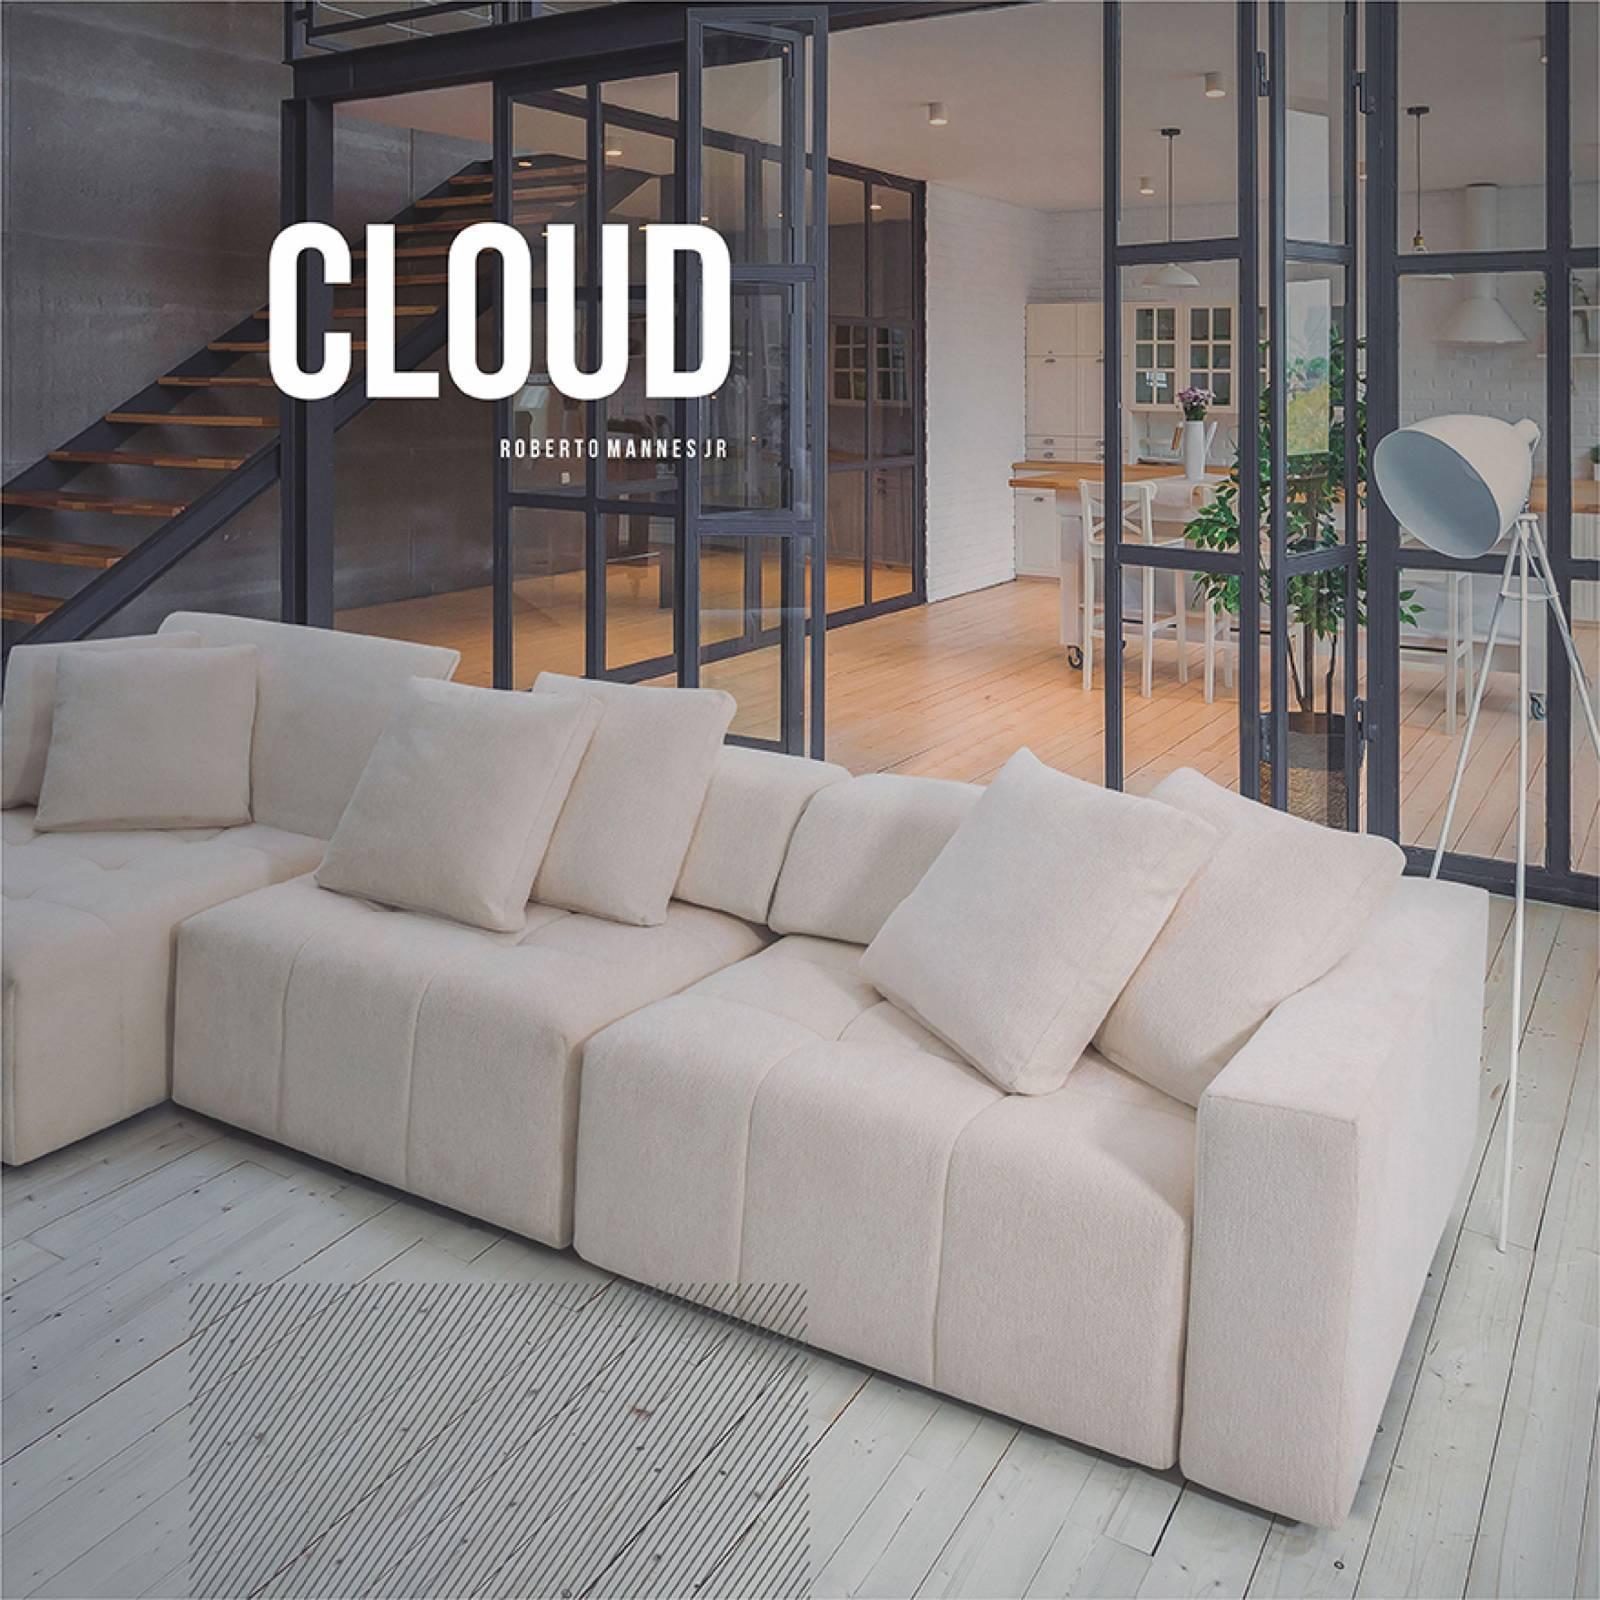 Estofado Cloud Mannes - All Home